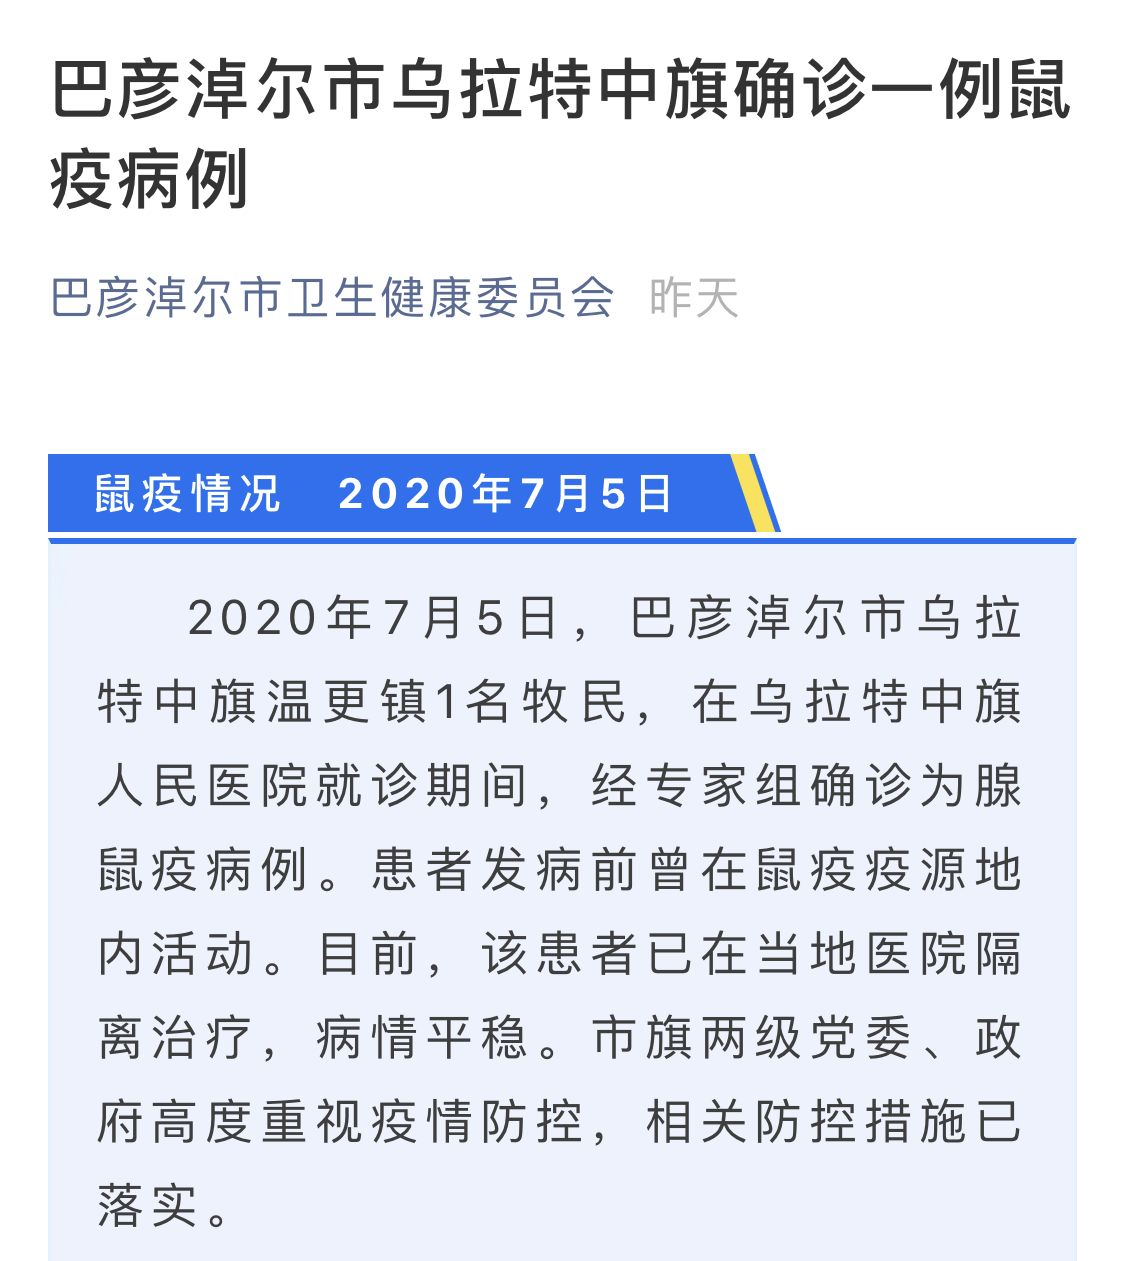 【外链优化】_巴彦淖尔鼠疫患者病情稳定 当地进入预警期持续到年底